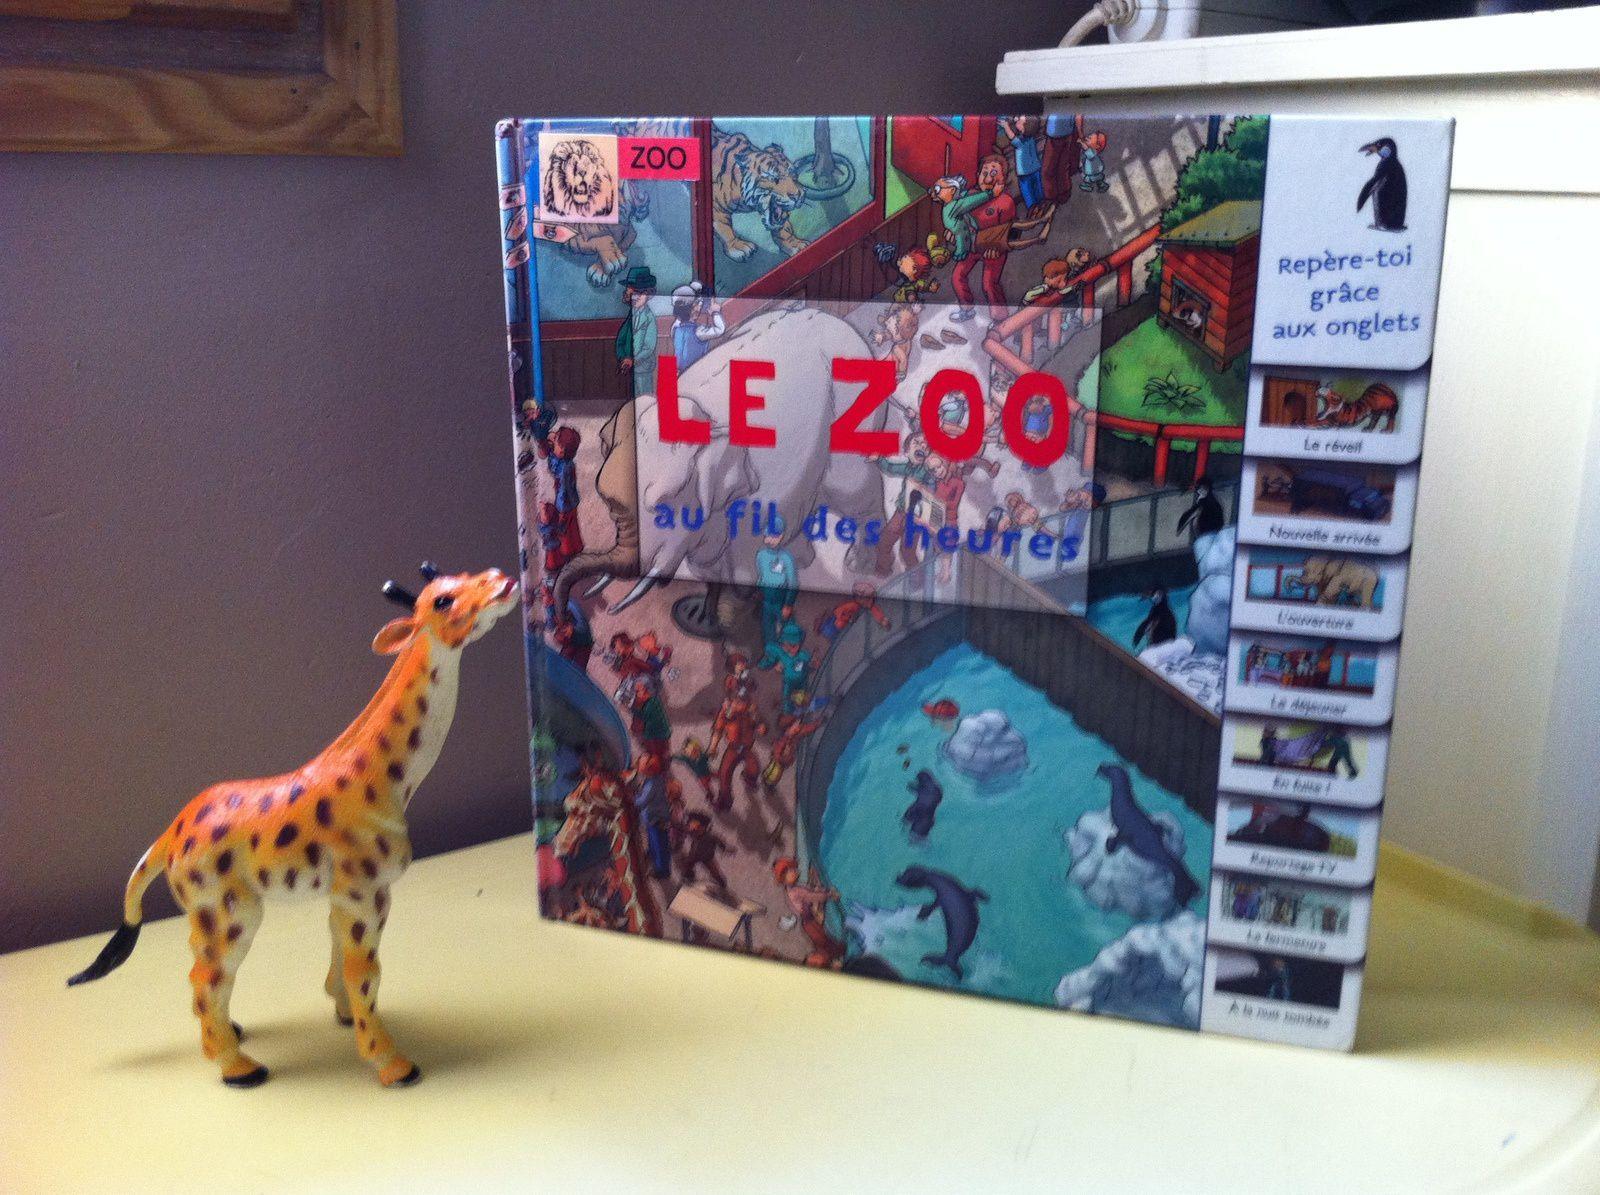 [Chut les enfants lisent #35 ]Le zoo au fil des heures